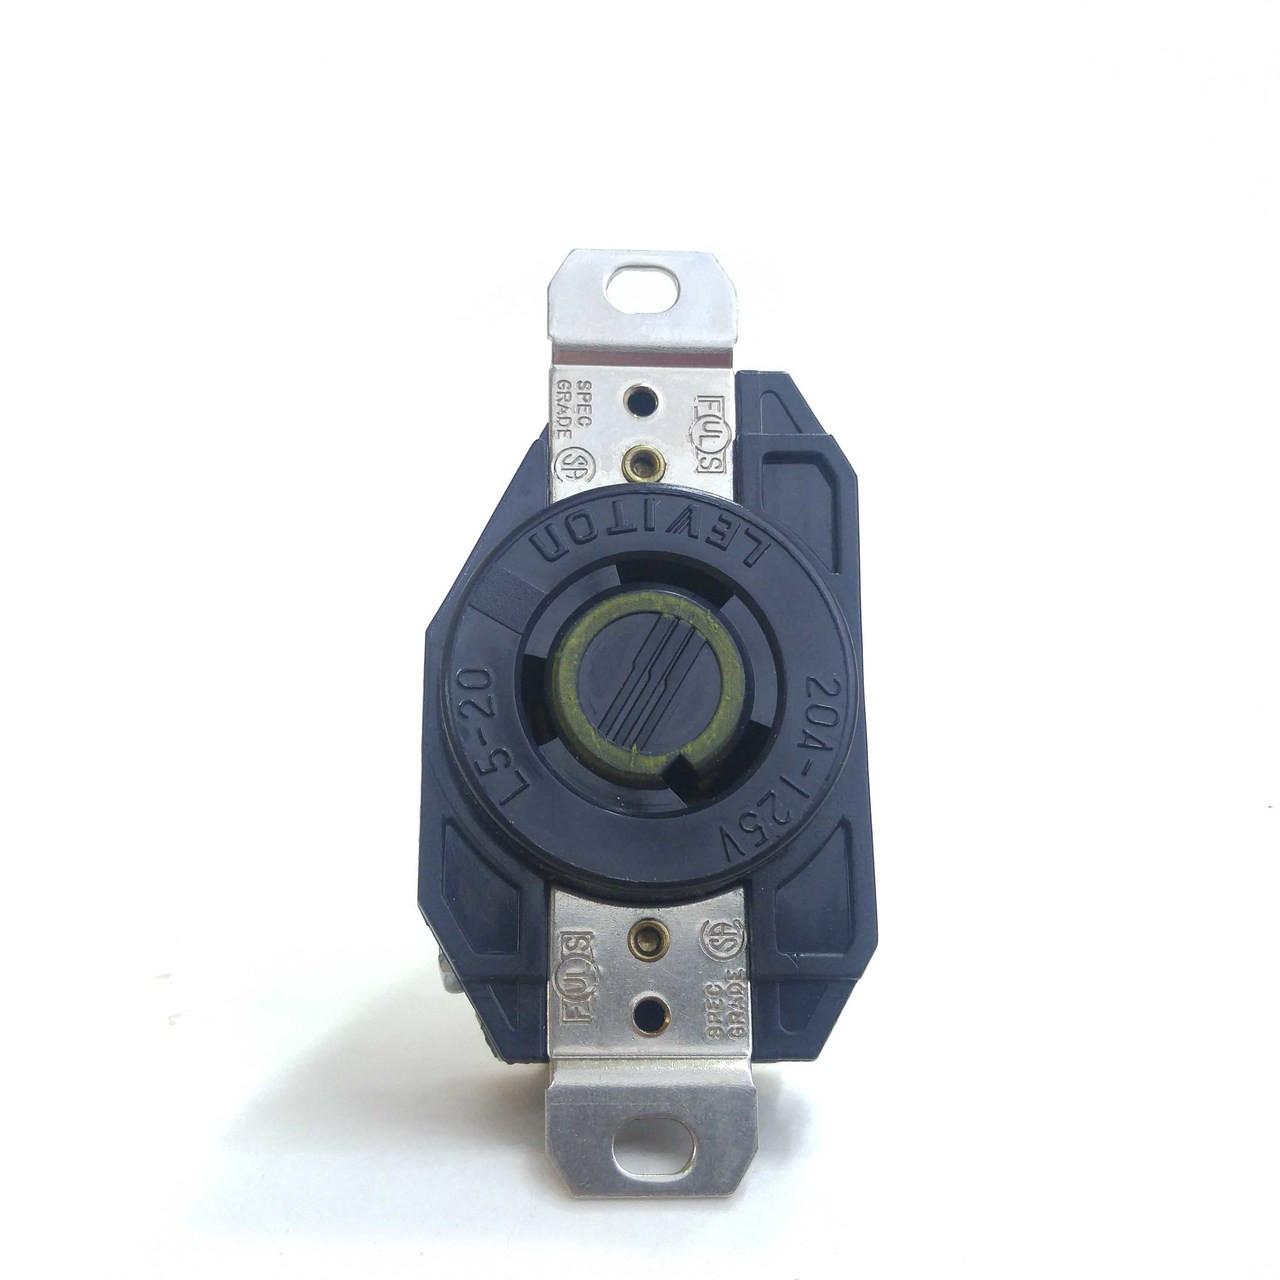 Leviton L5-20r 2p3w 20a 125v Twist Lock Receptacle